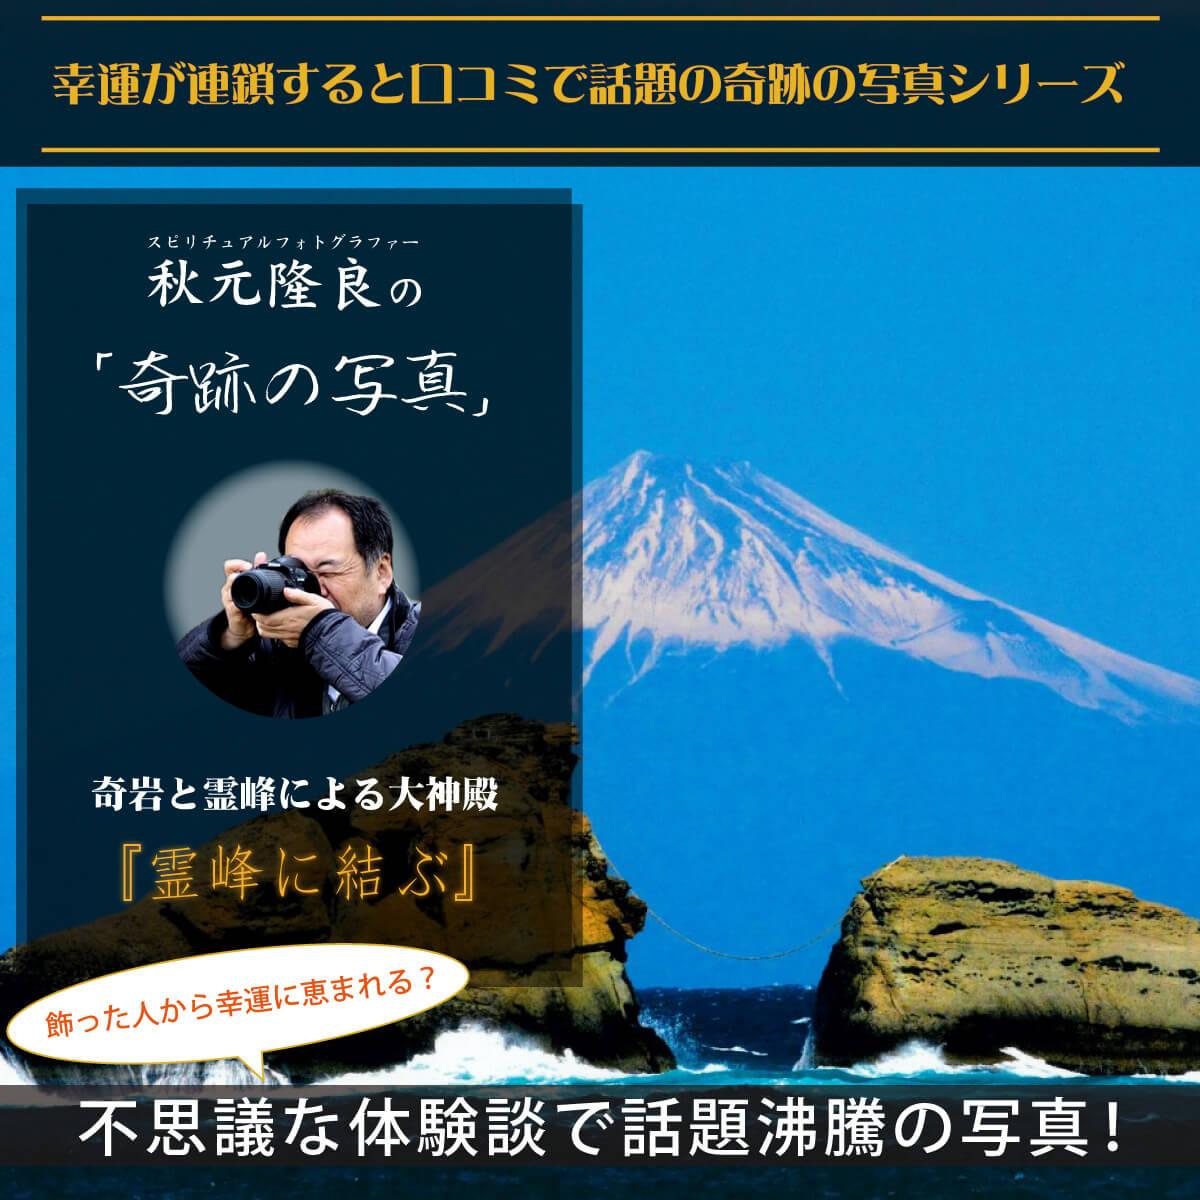 【奇跡の写真】霊峰に結ぶ ≫飾るだけで幸運が連鎖すると話題!秋元隆良の開運フォト作品 開運グッズ